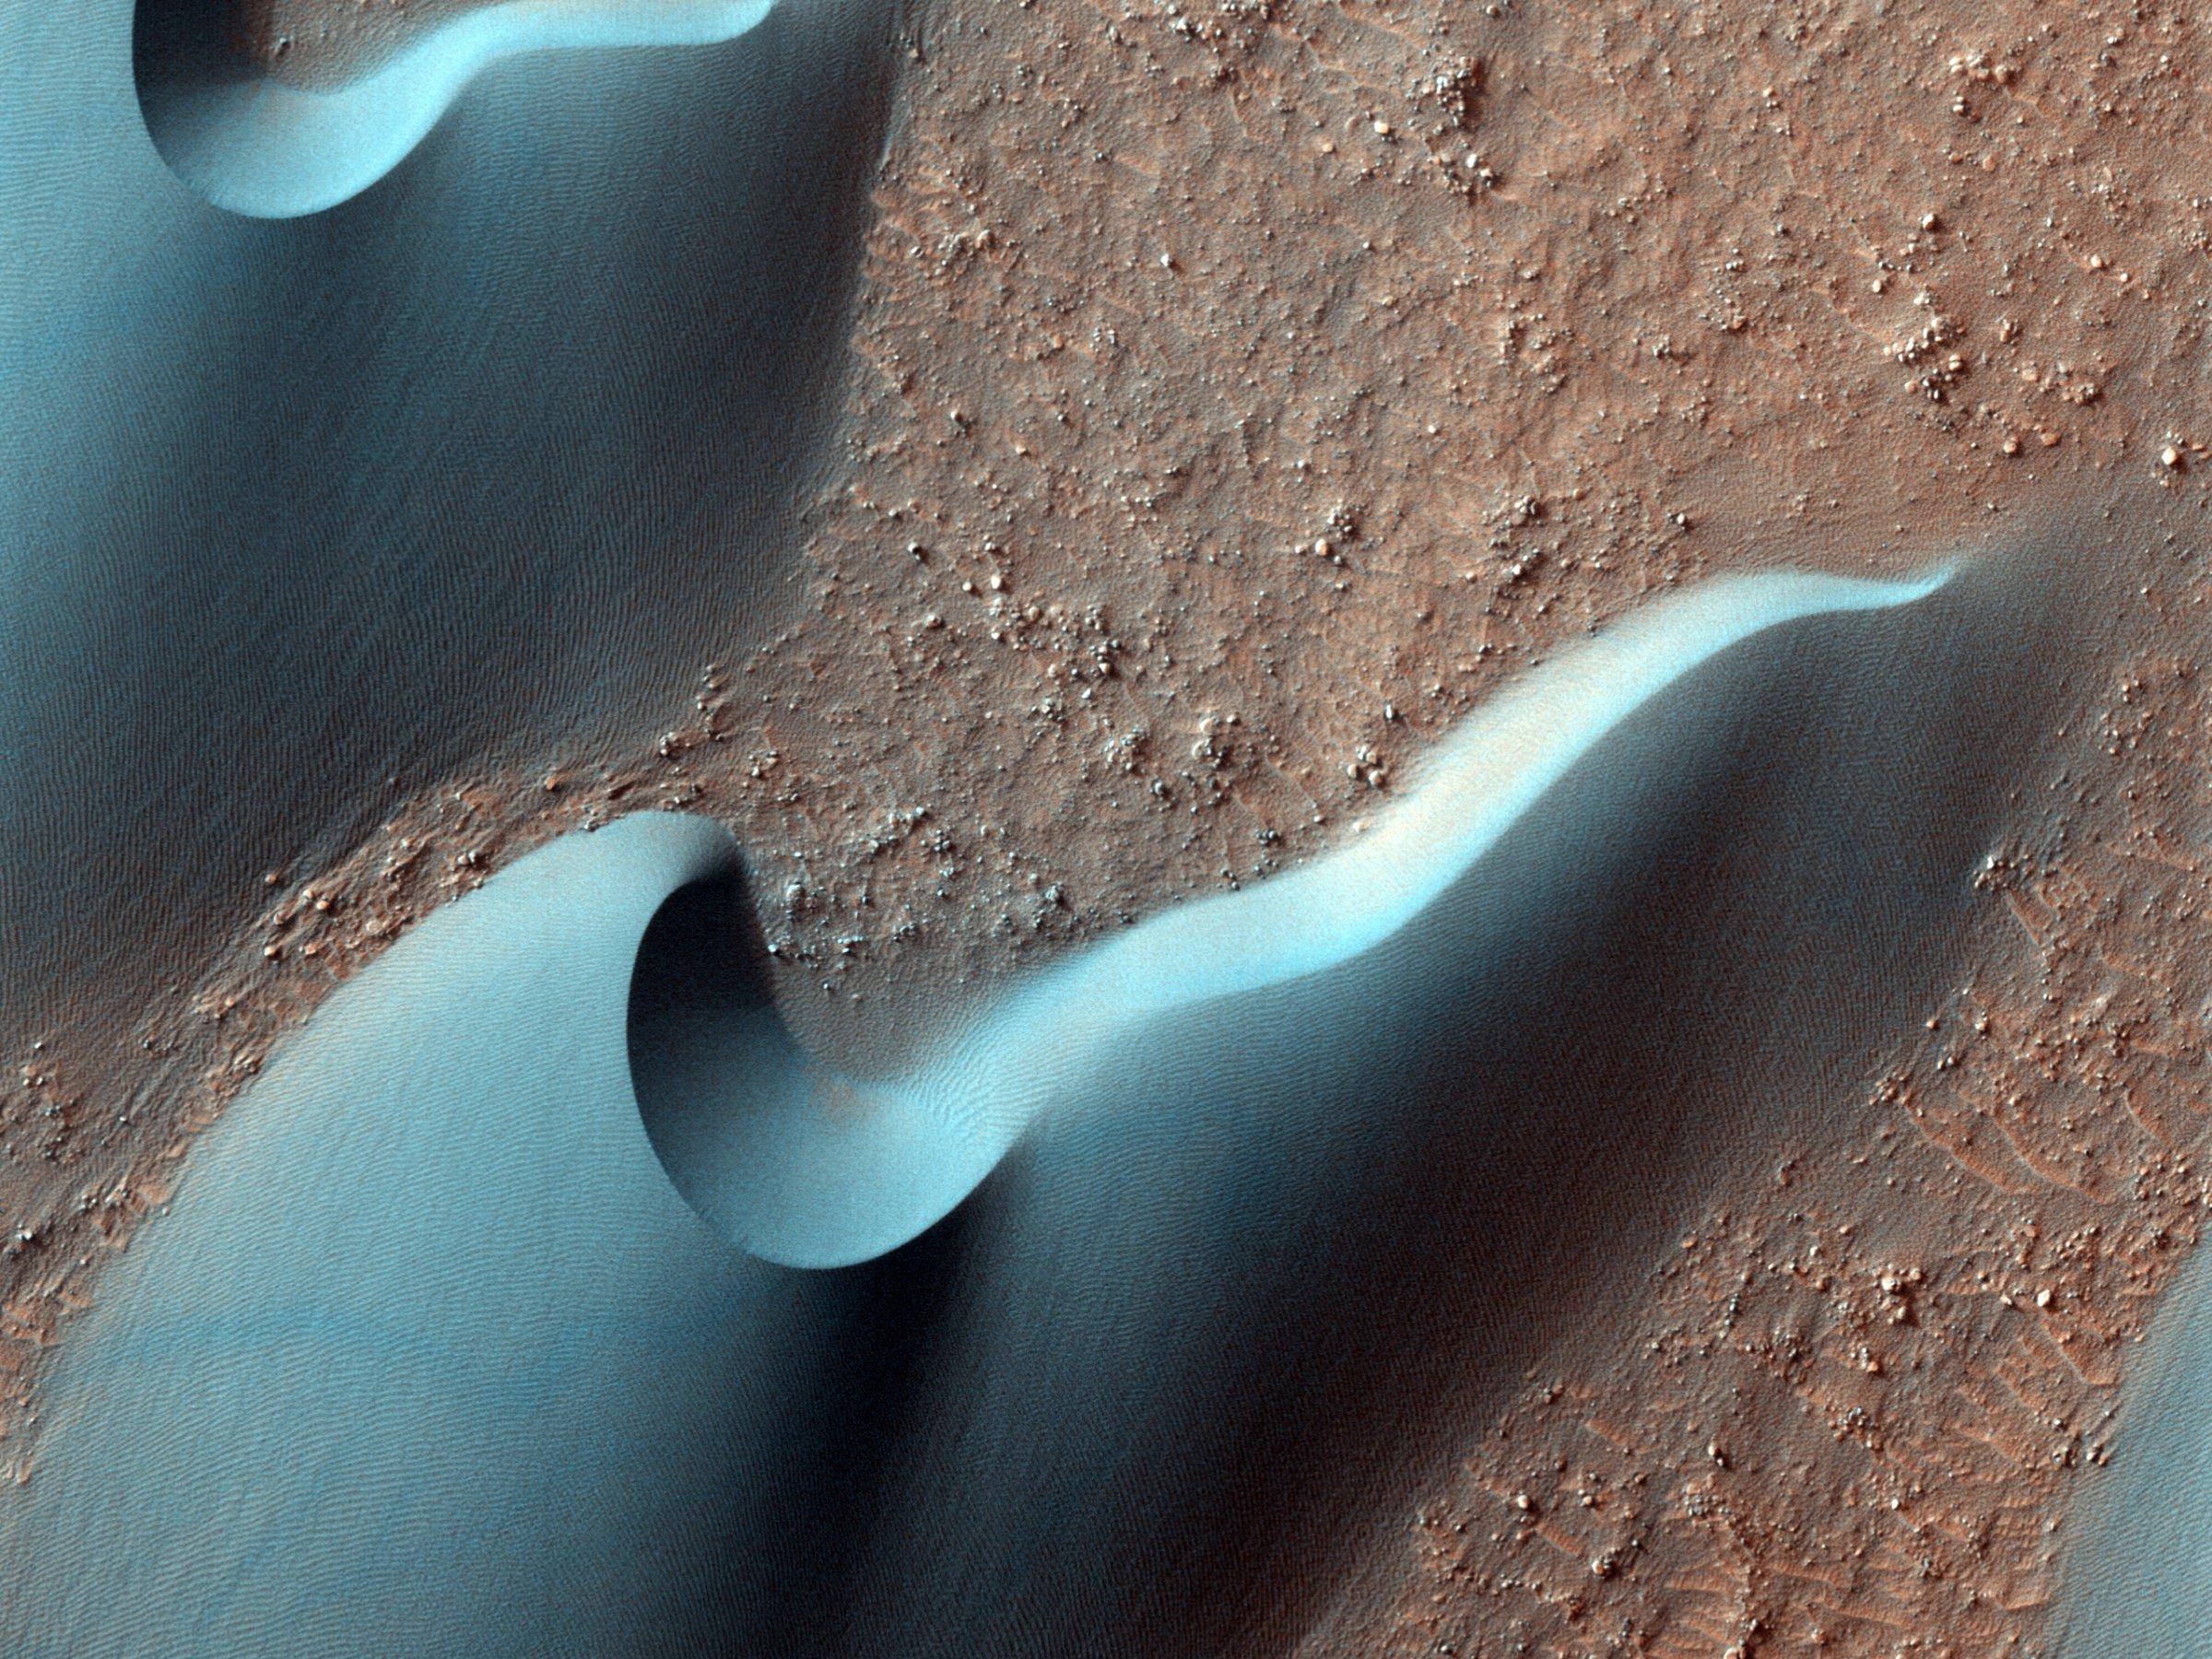 mars-sand-dunes-mro-hirise-nasa-university-arizona